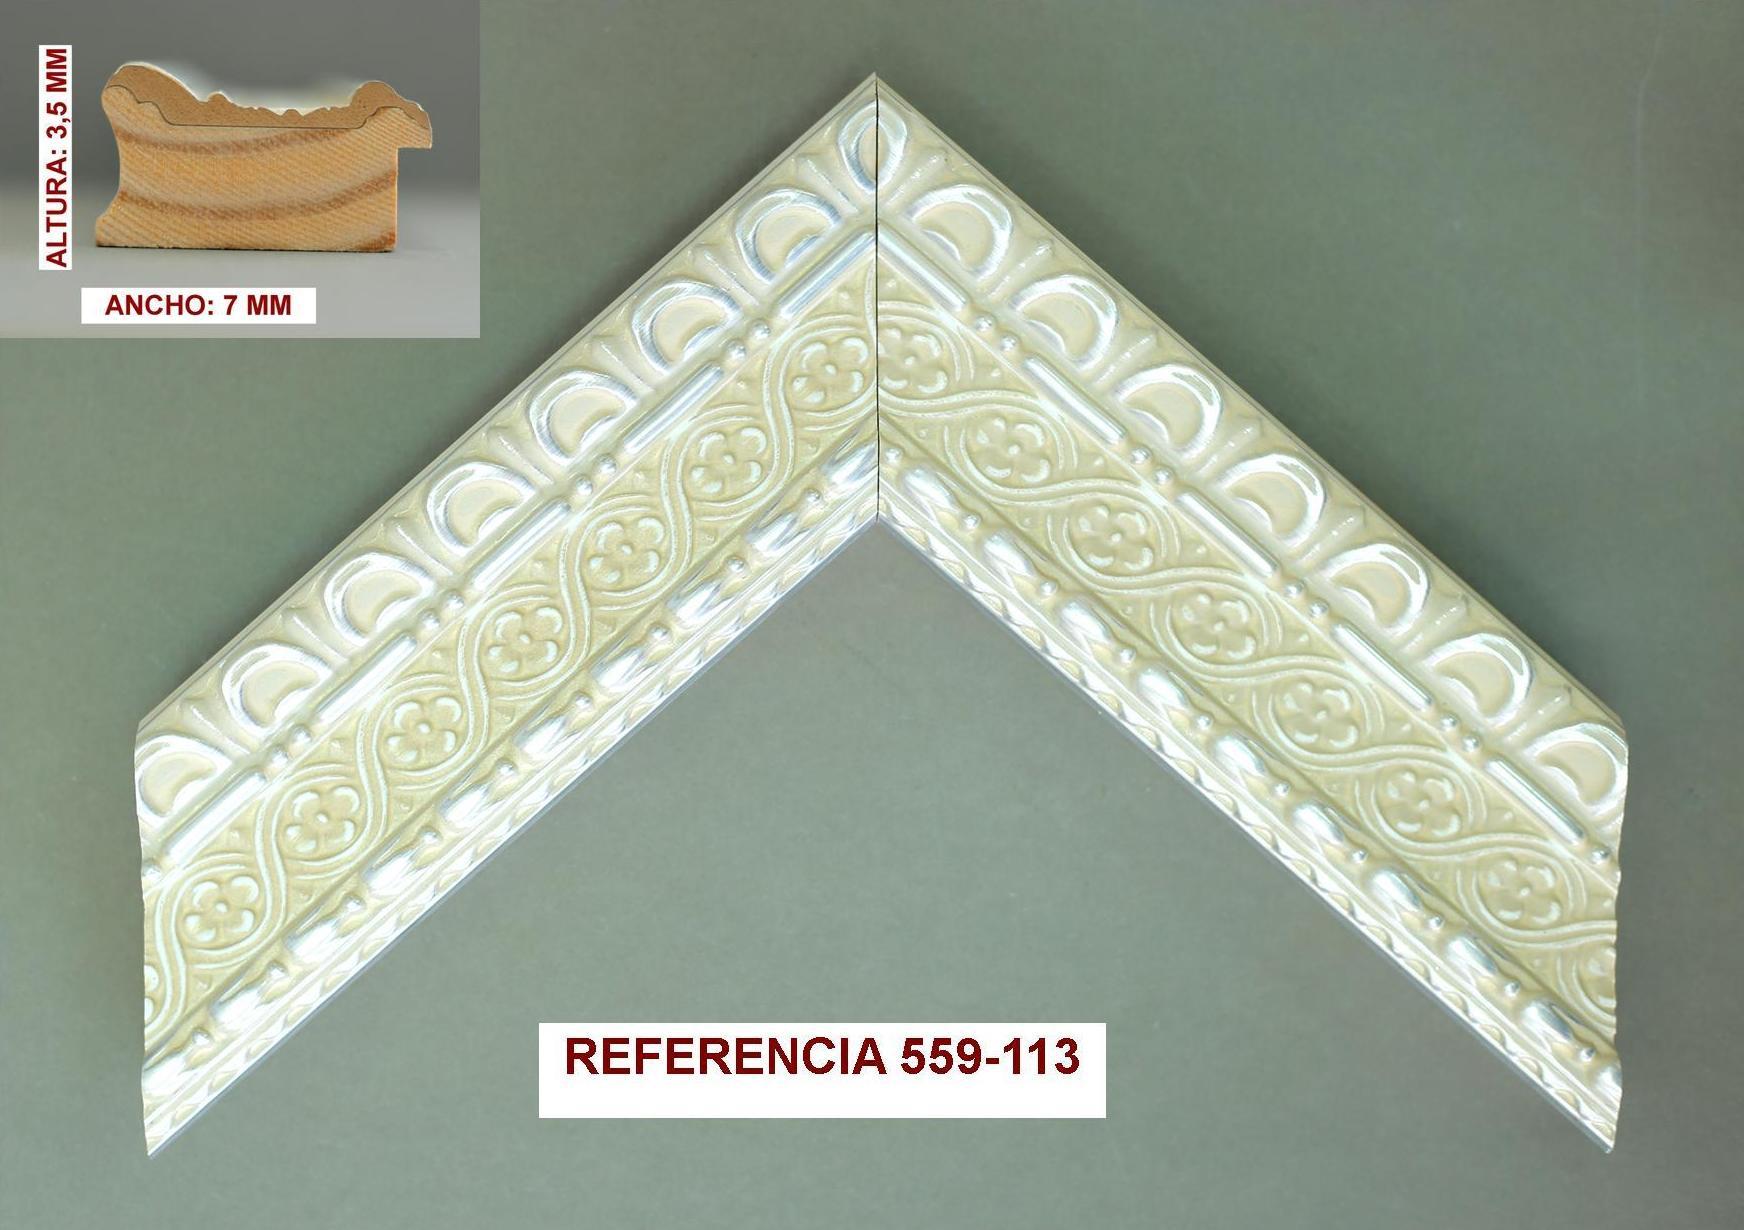 REF 559-113: Muestrario de Moldusevilla